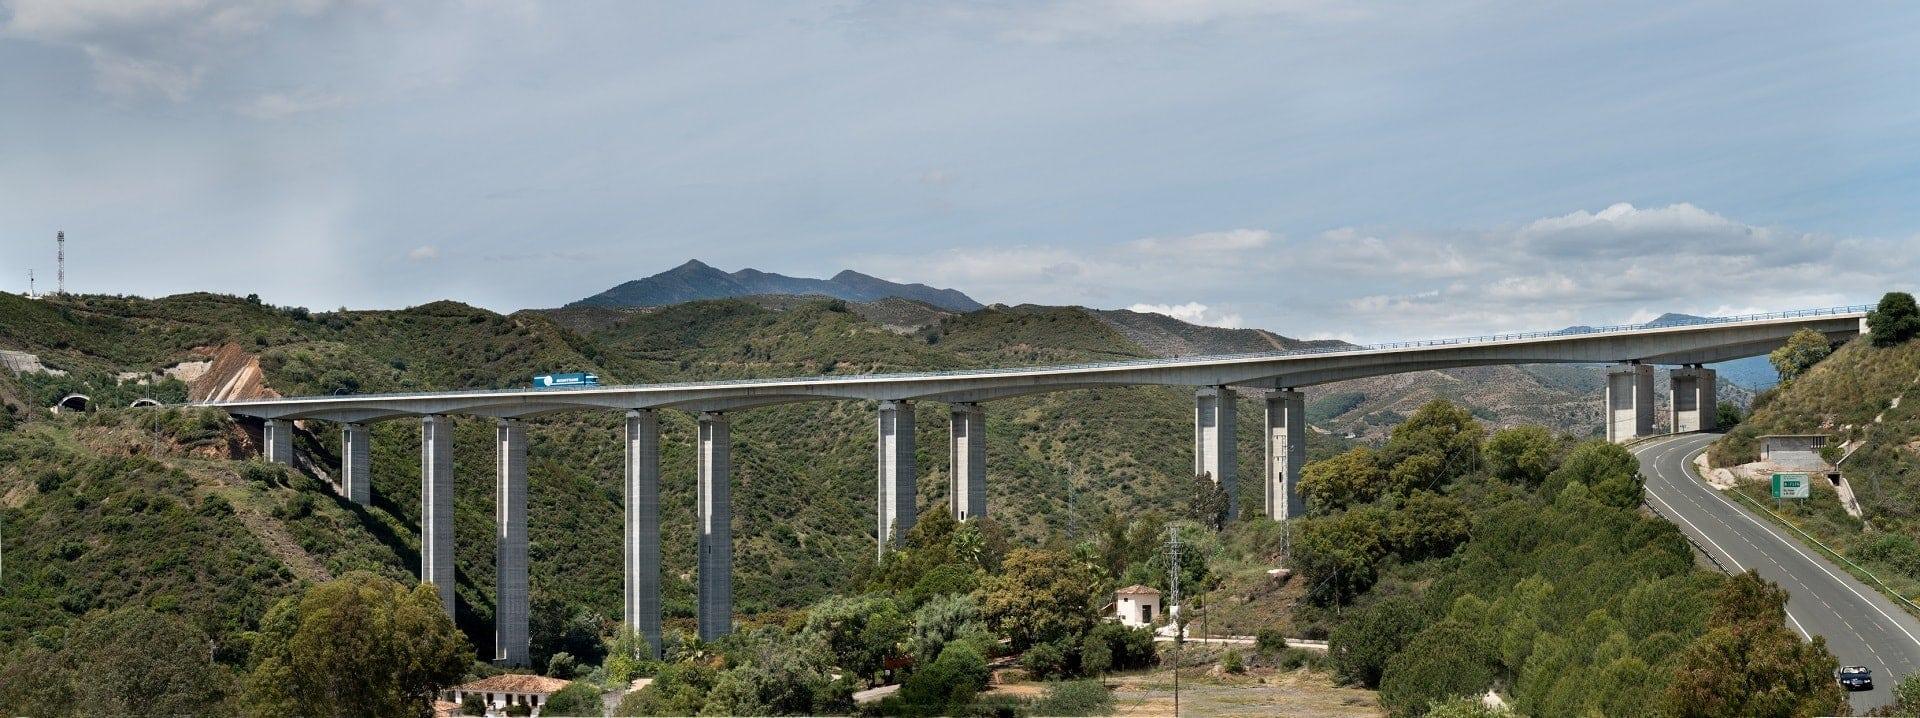 ausol highway in spain